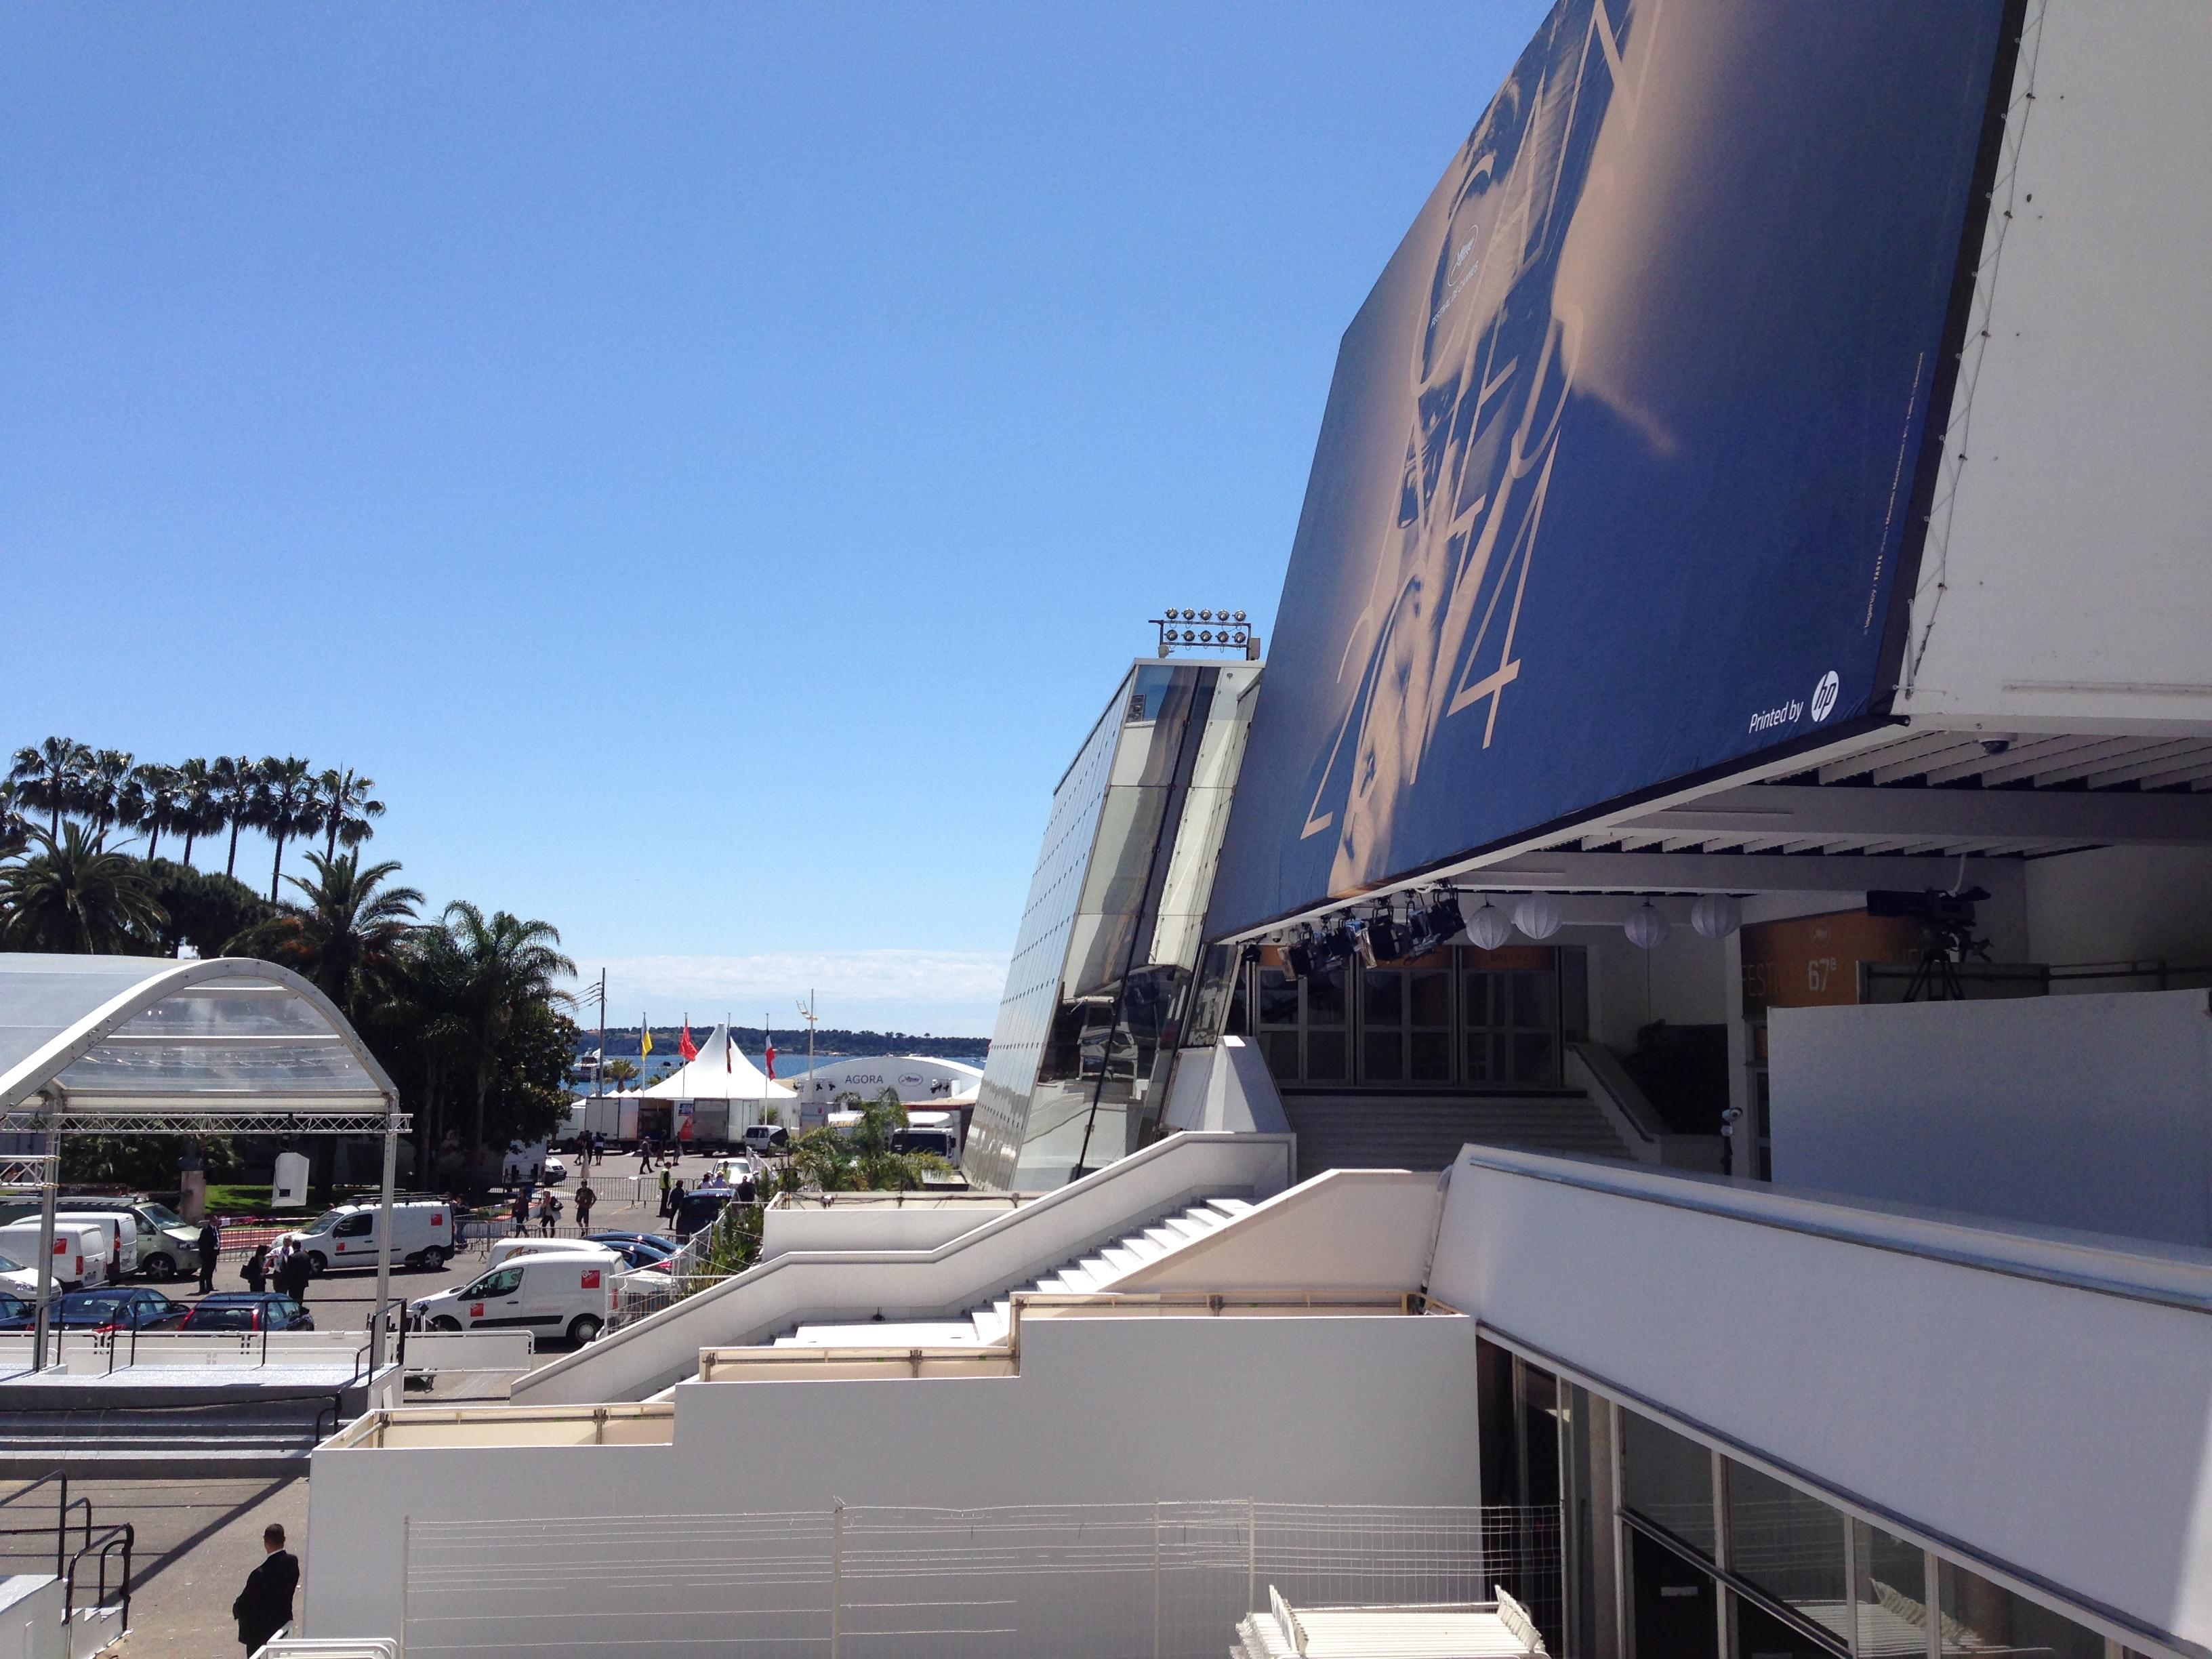 Cannes 2014: l'entrata del Grand Theatre Lumiere vista dal balcone della sala stampa